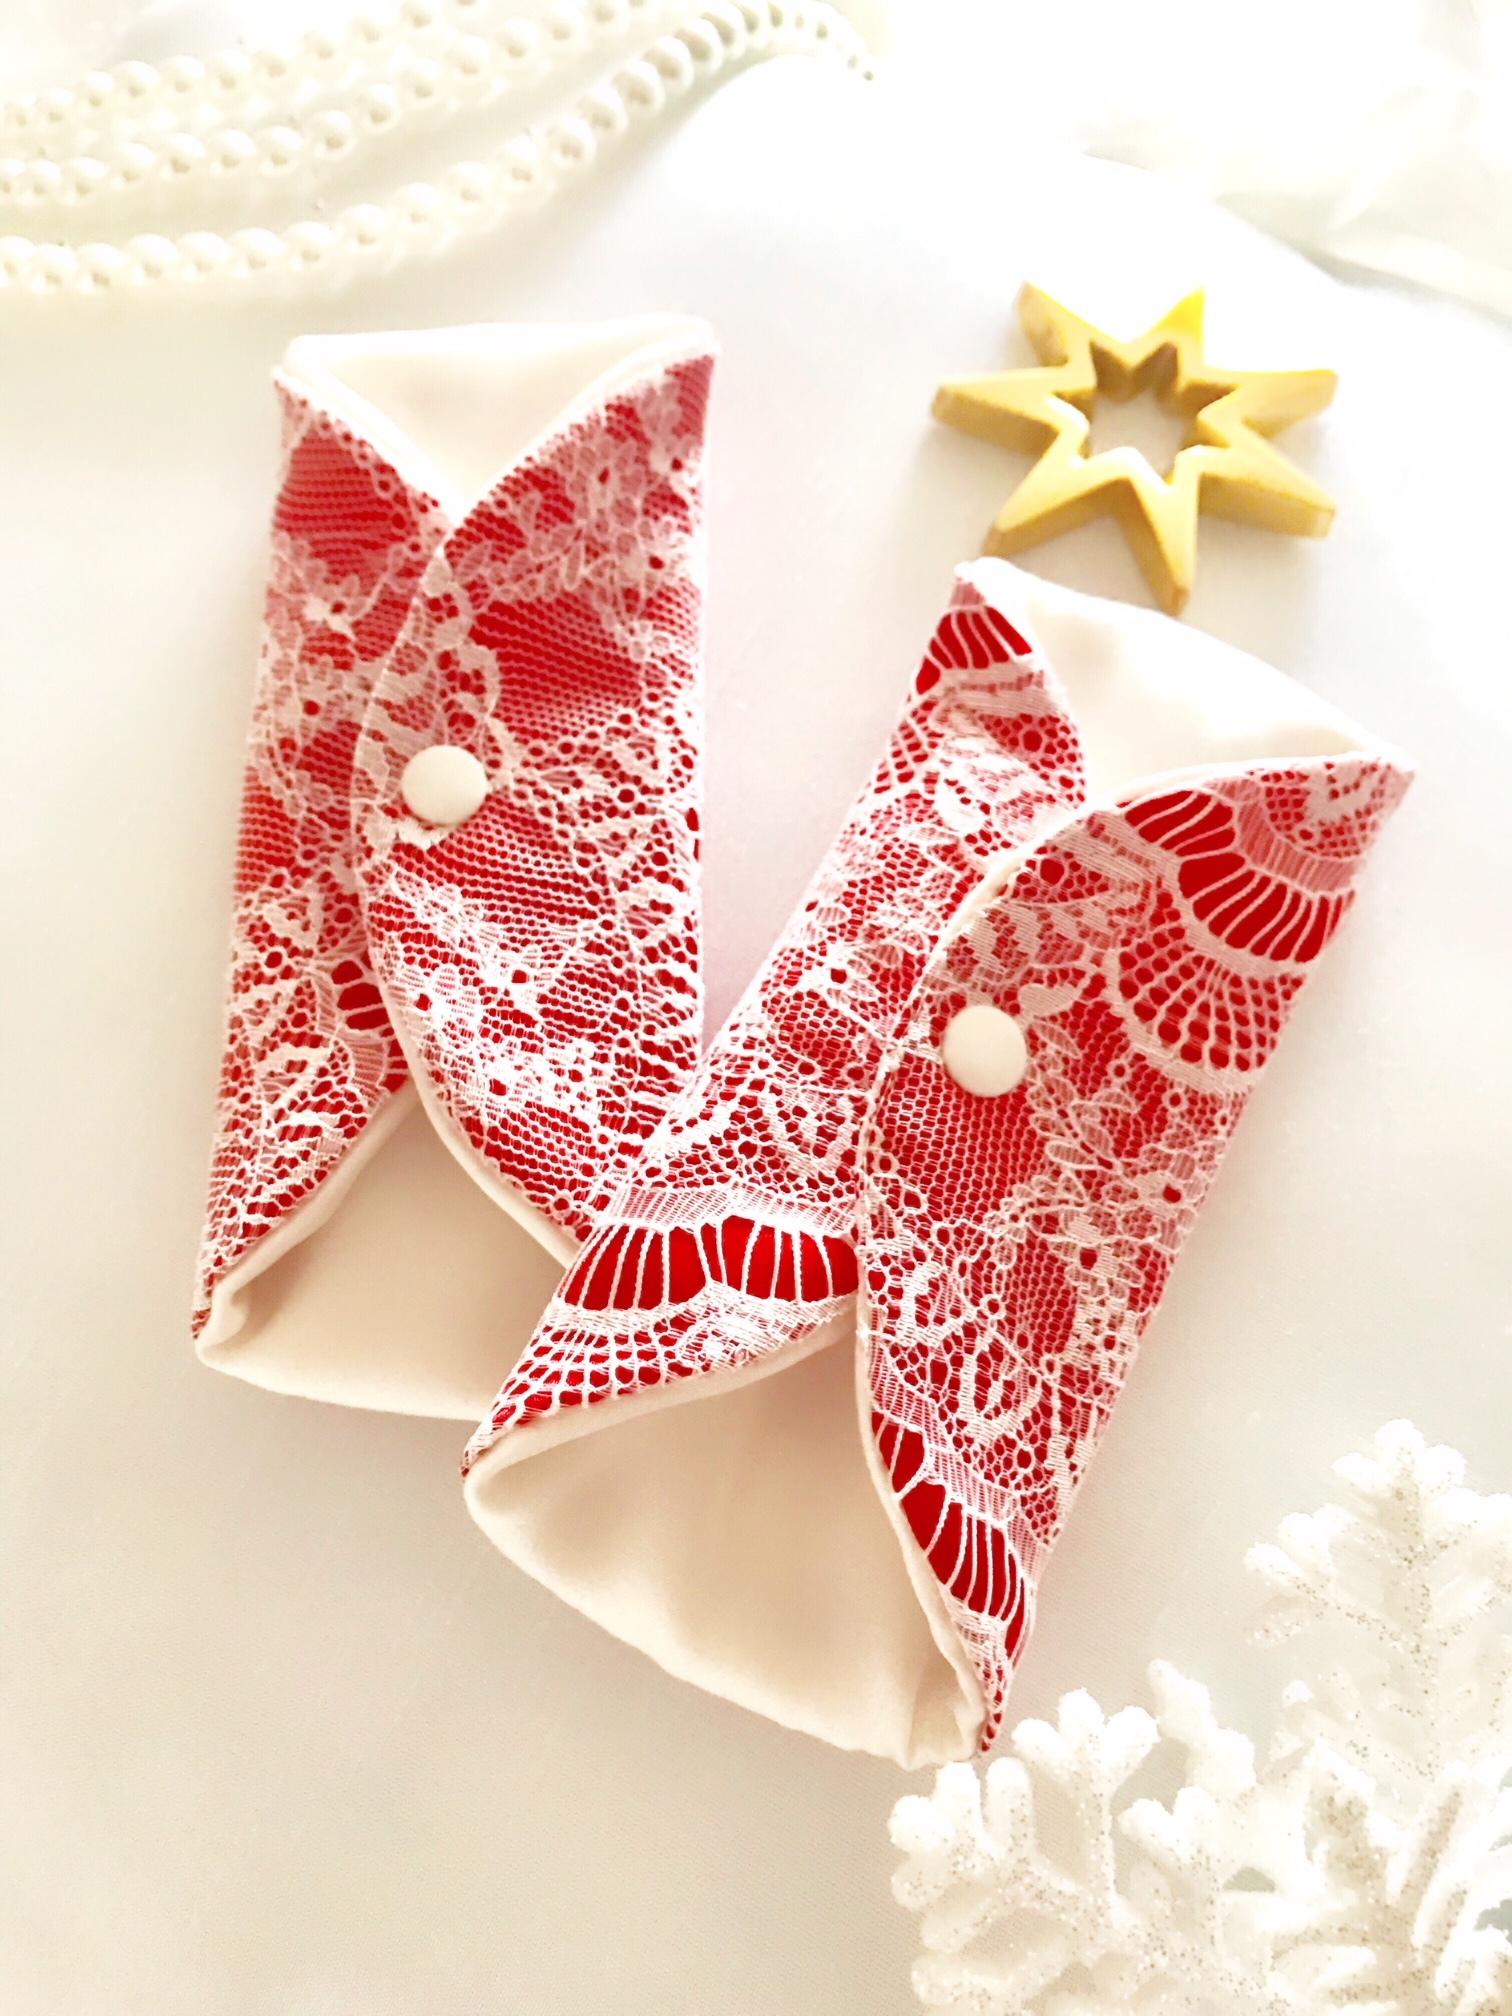 クリスマス限定商品★FUNTYライナー2個セット(red)